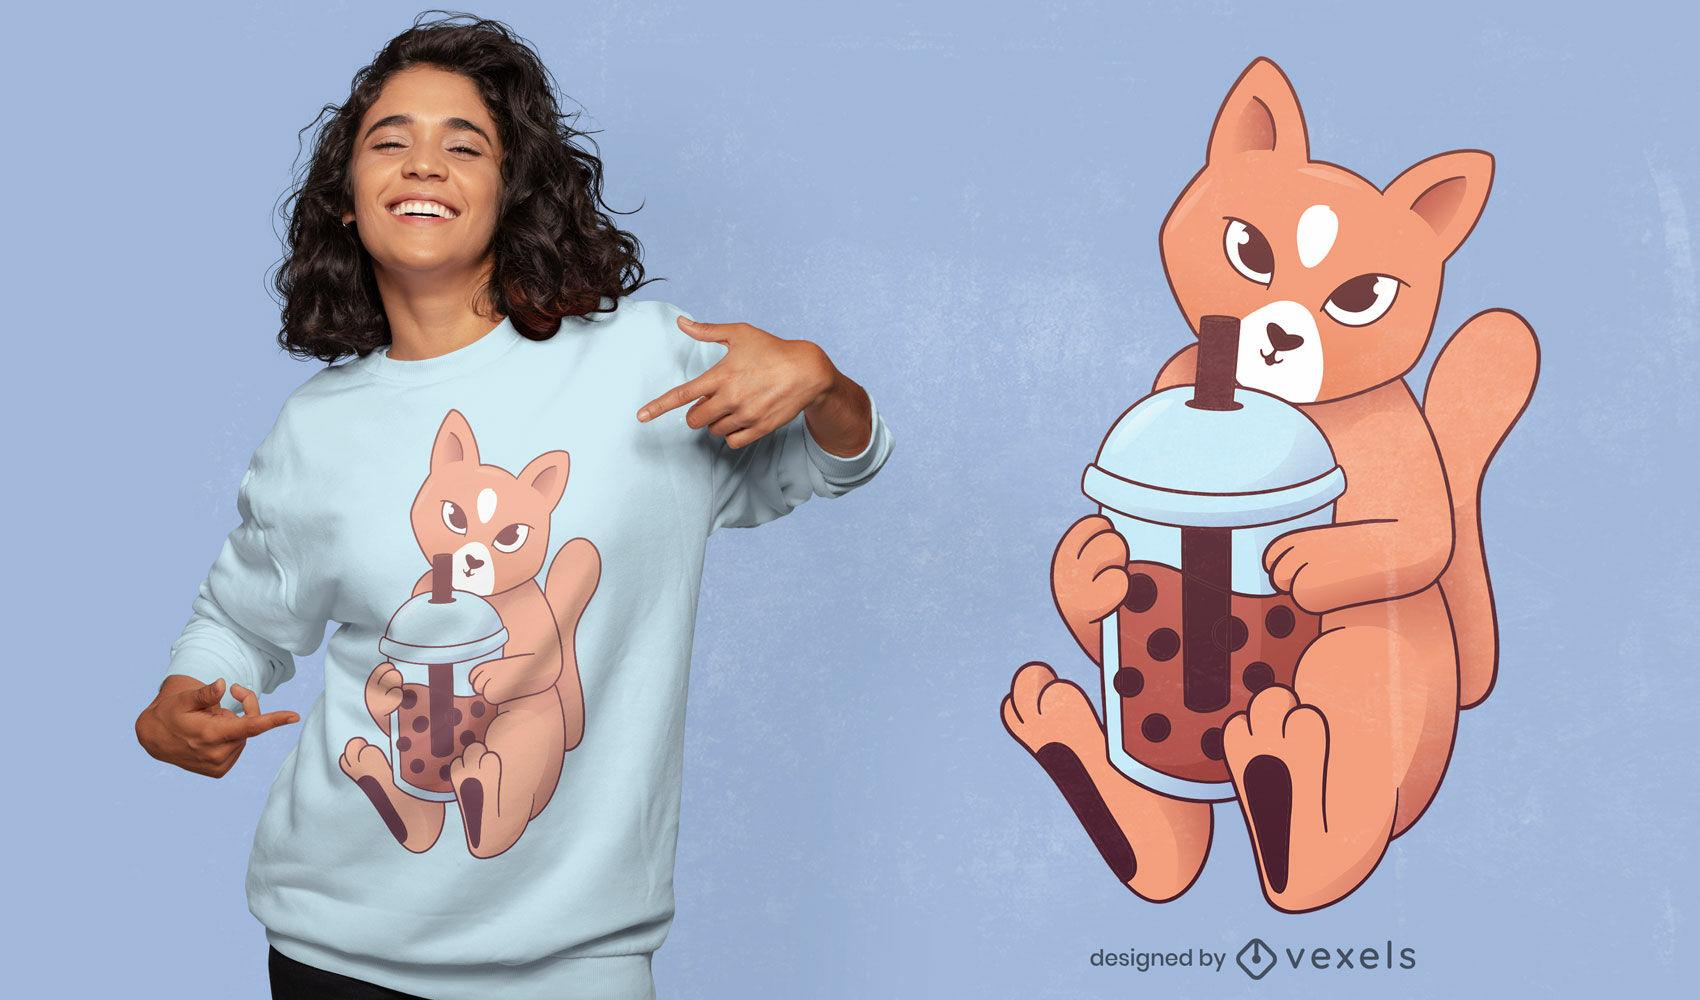 Dise?o de camiseta de gato bebiendo t? de burbujas